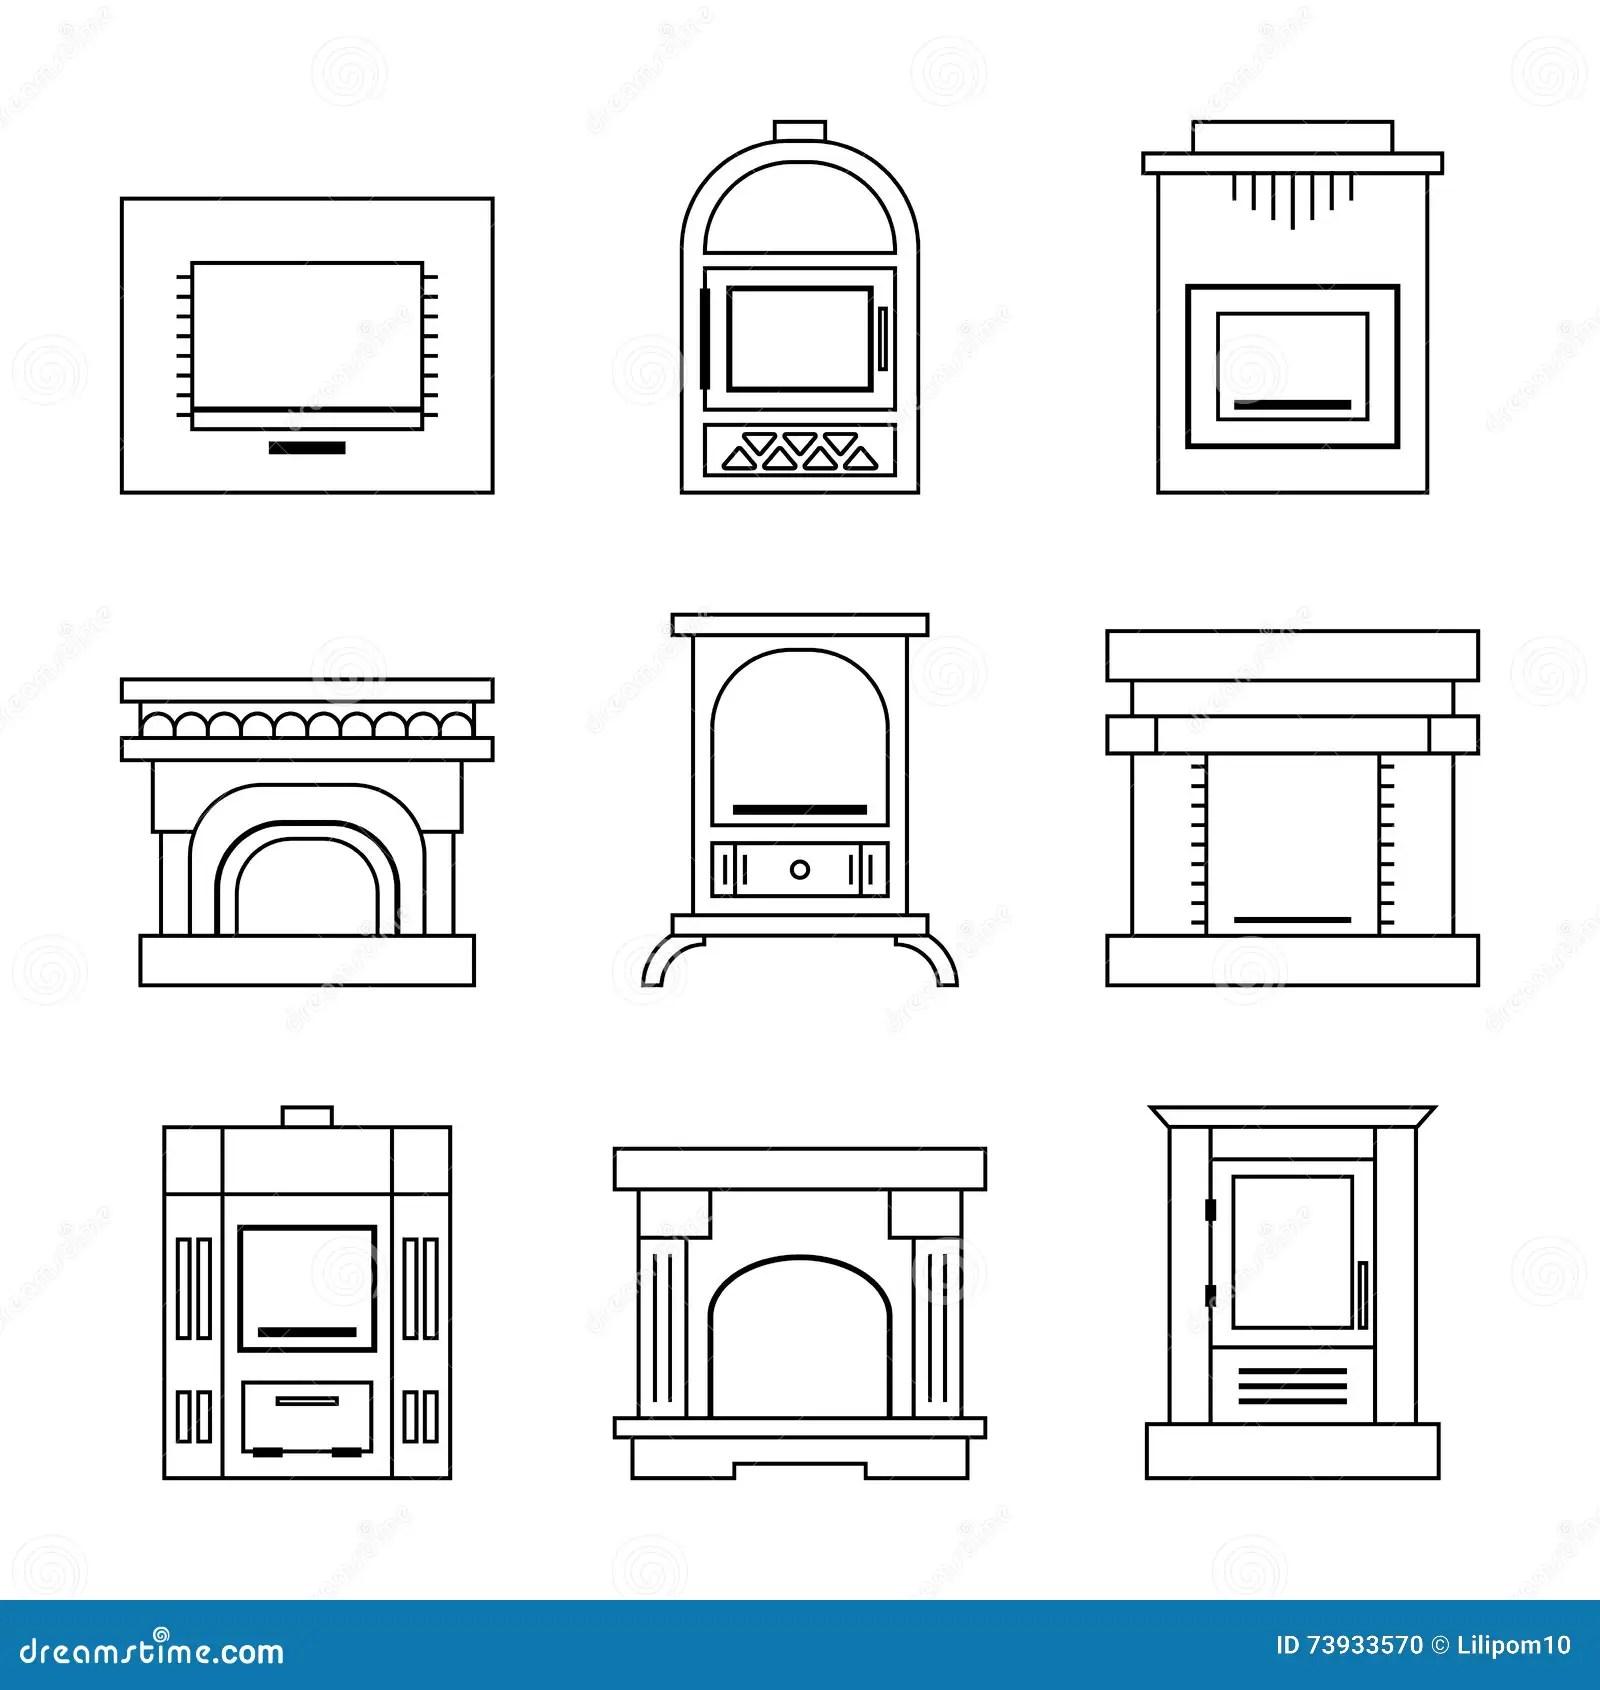 White Fireplace Isolated On White Background Stock Image